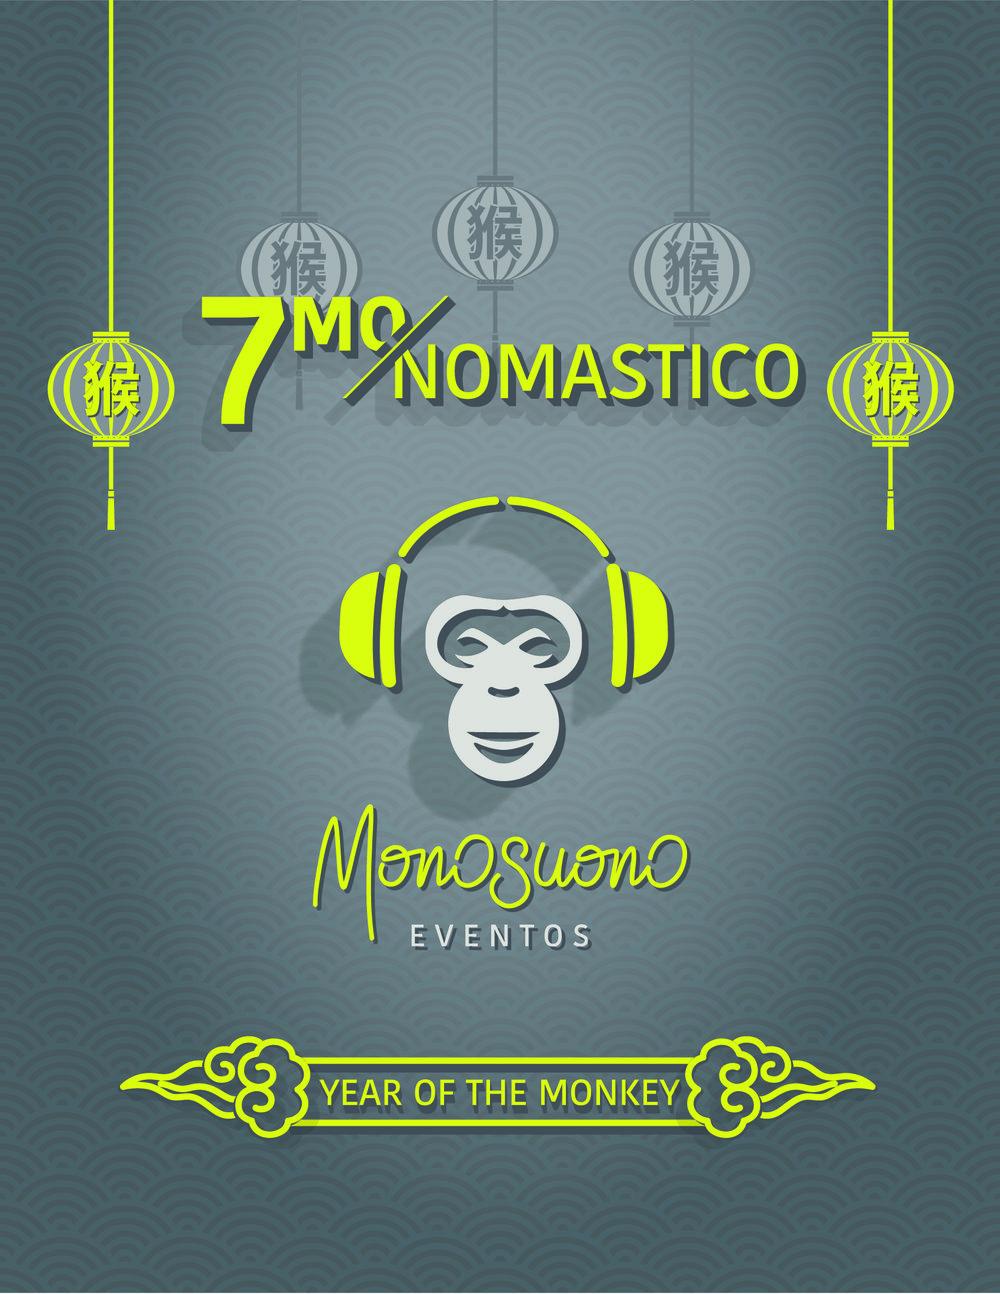 MS_monoaniversario7_postal-02.jpg